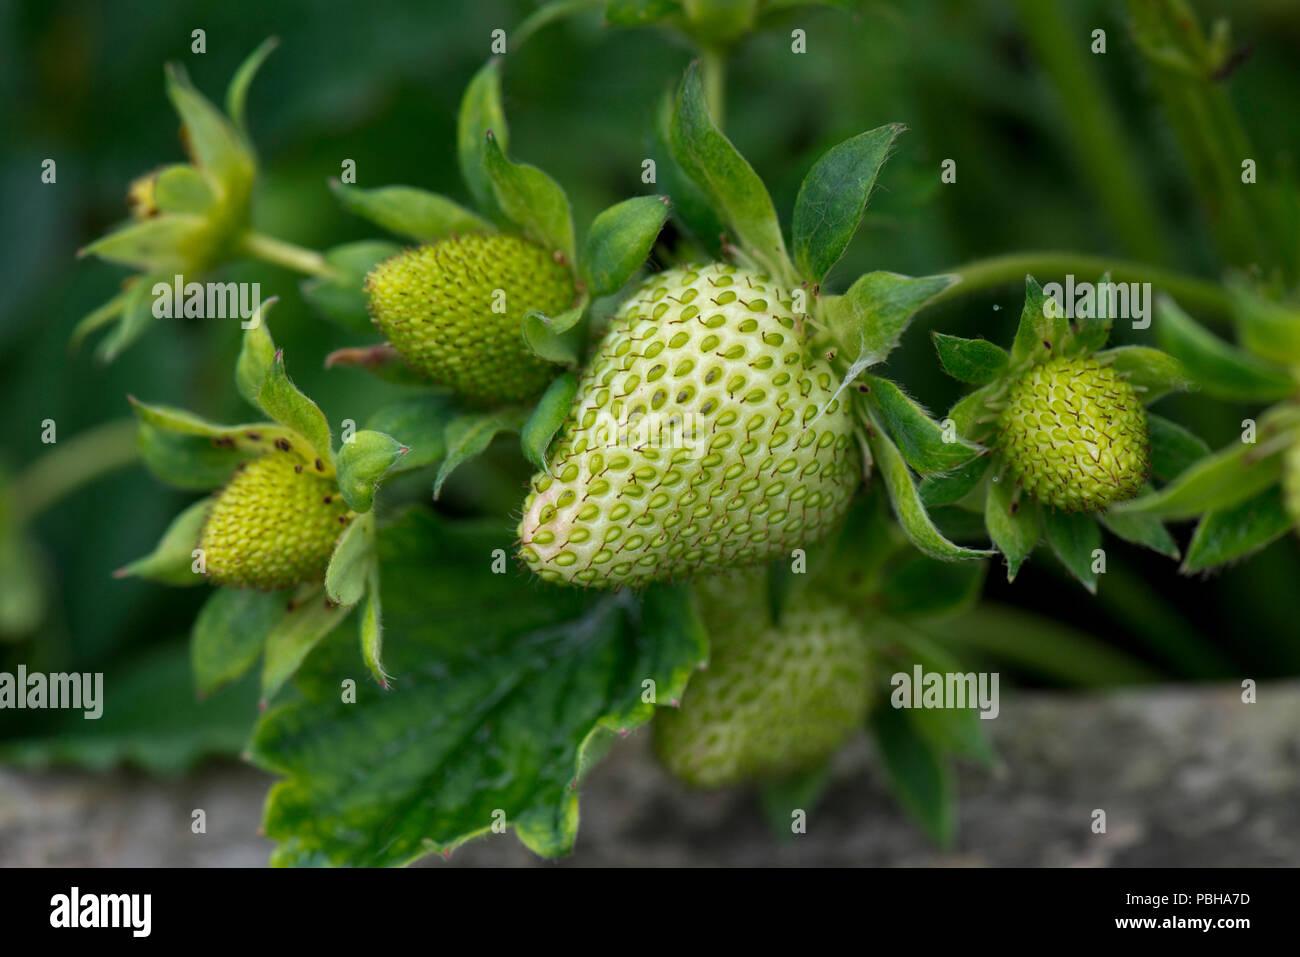 Verdes, verdes, frutas Fresa Fragaria x ananassa, accesorio agregado fruto con aquenios externos, Berkshire, Mayo Imagen De Stock